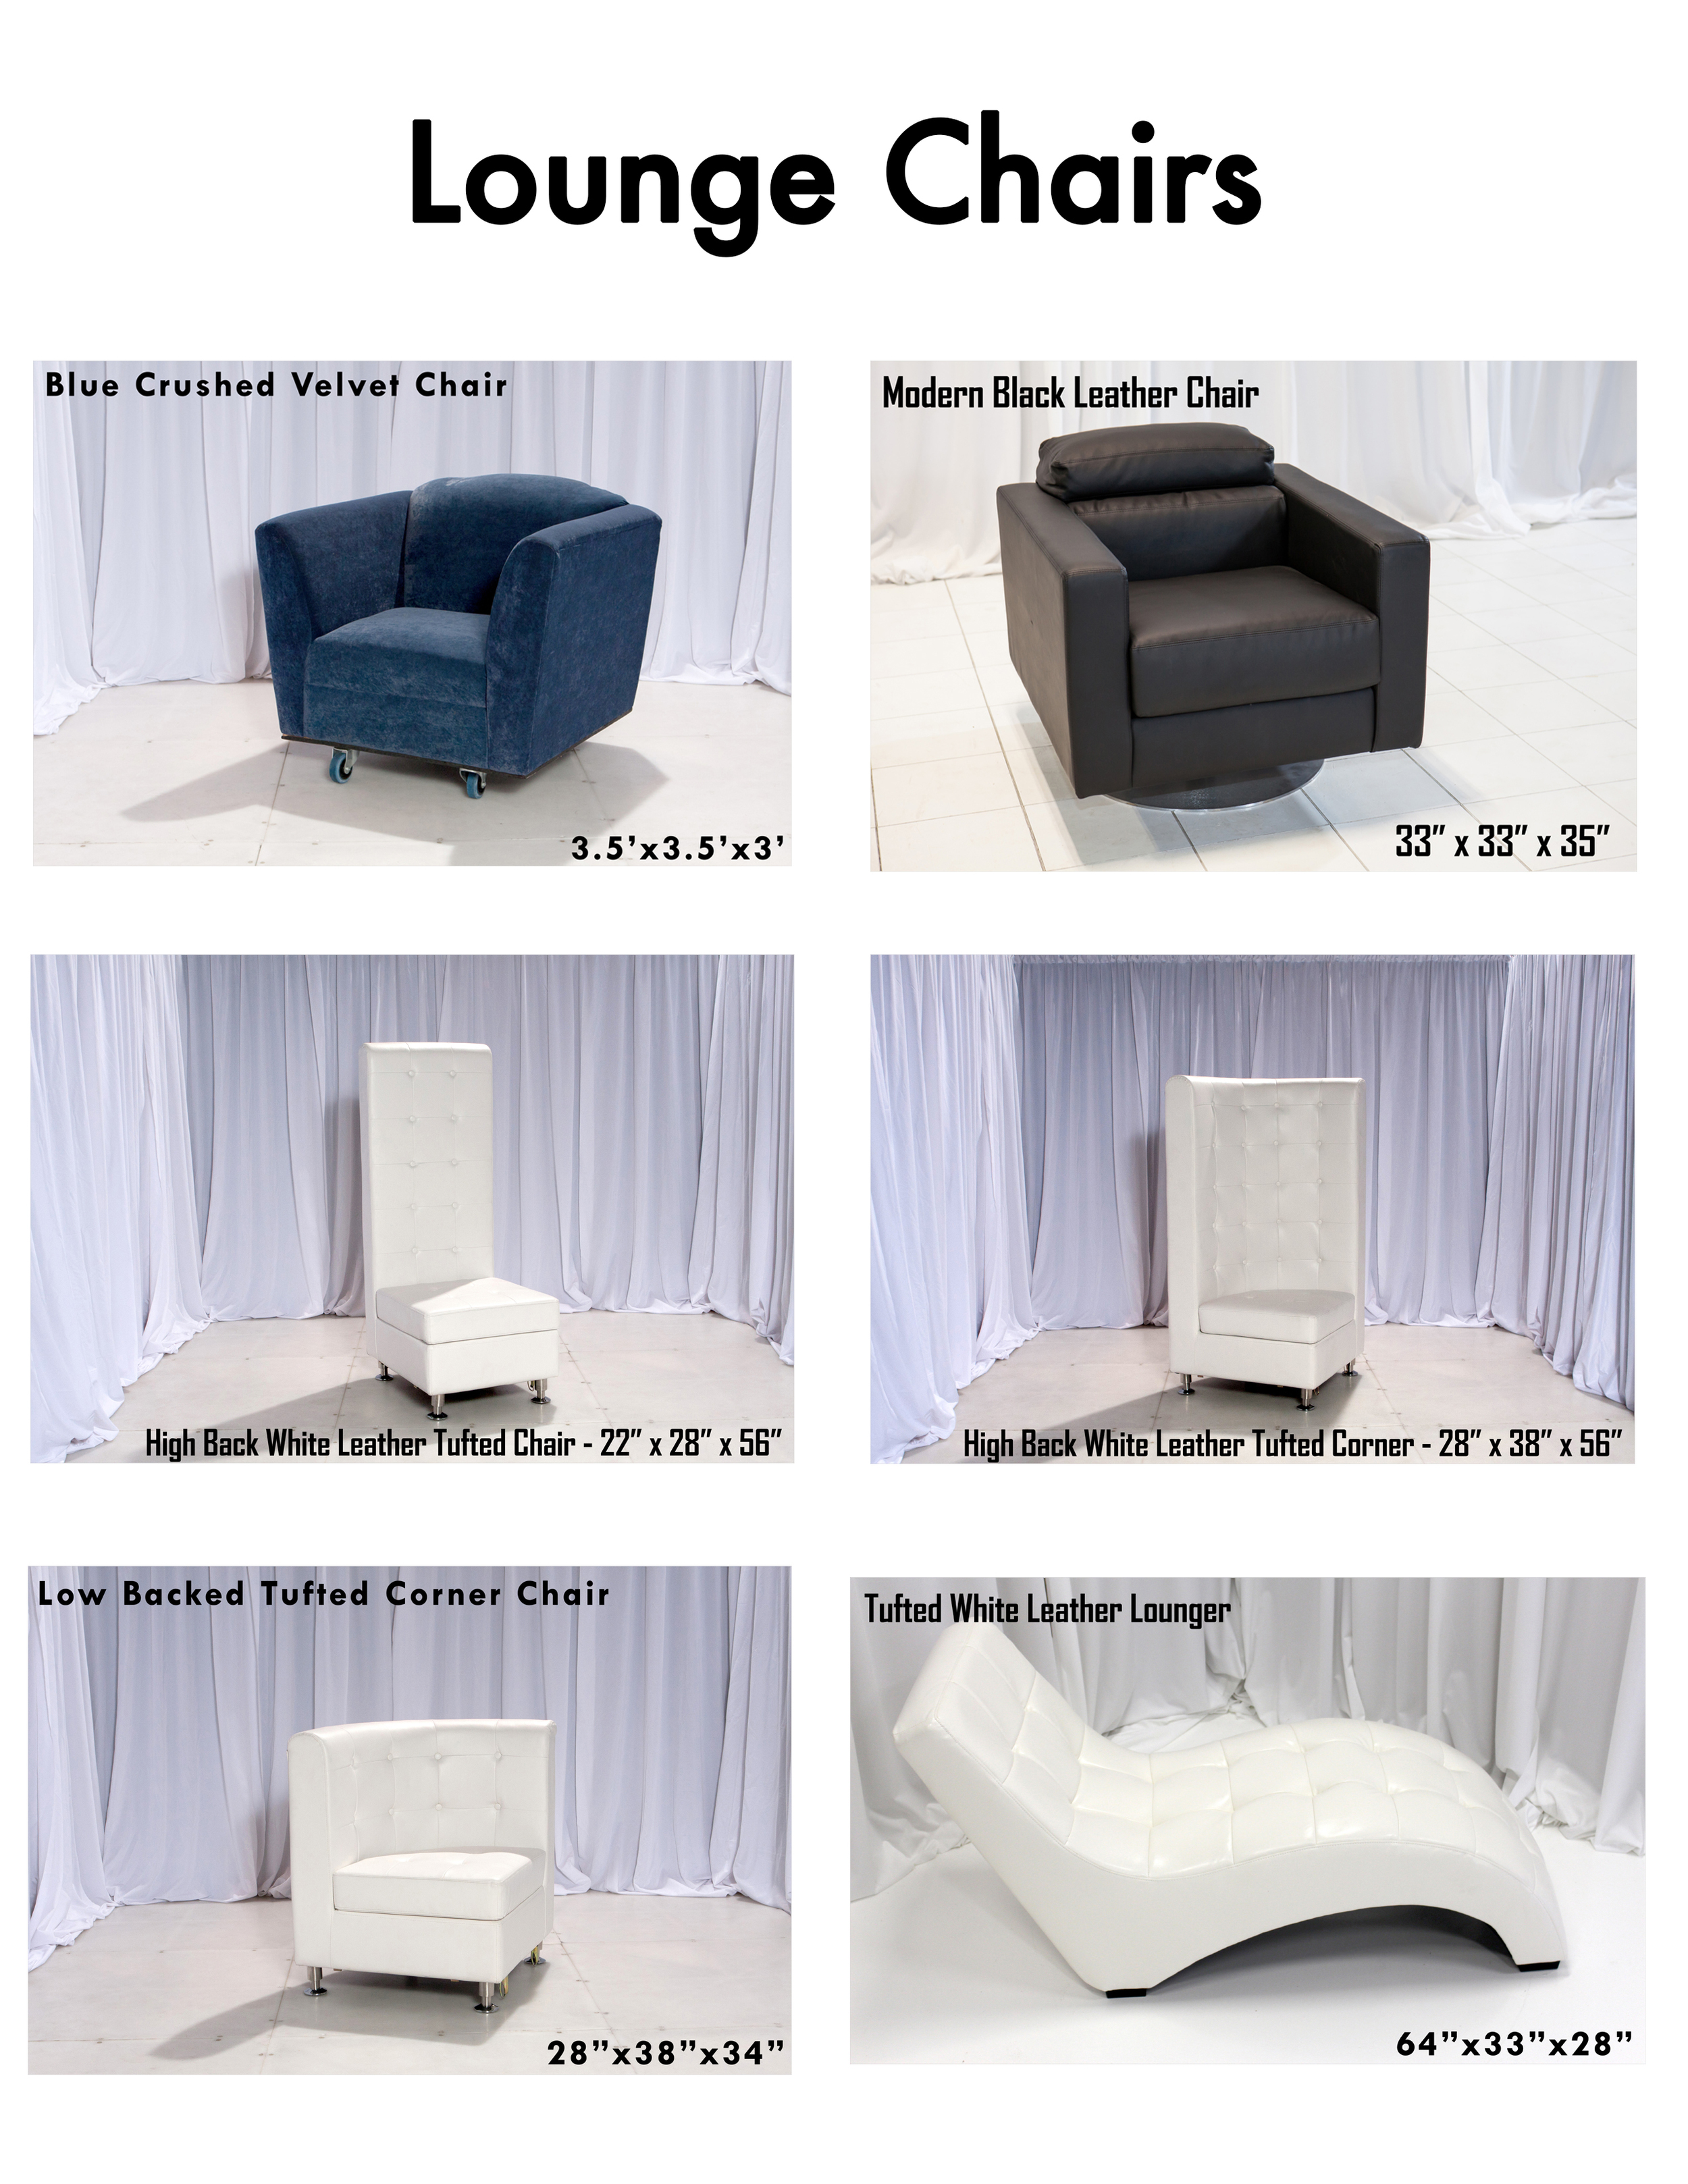 P50_Lounge Chairs.jpg